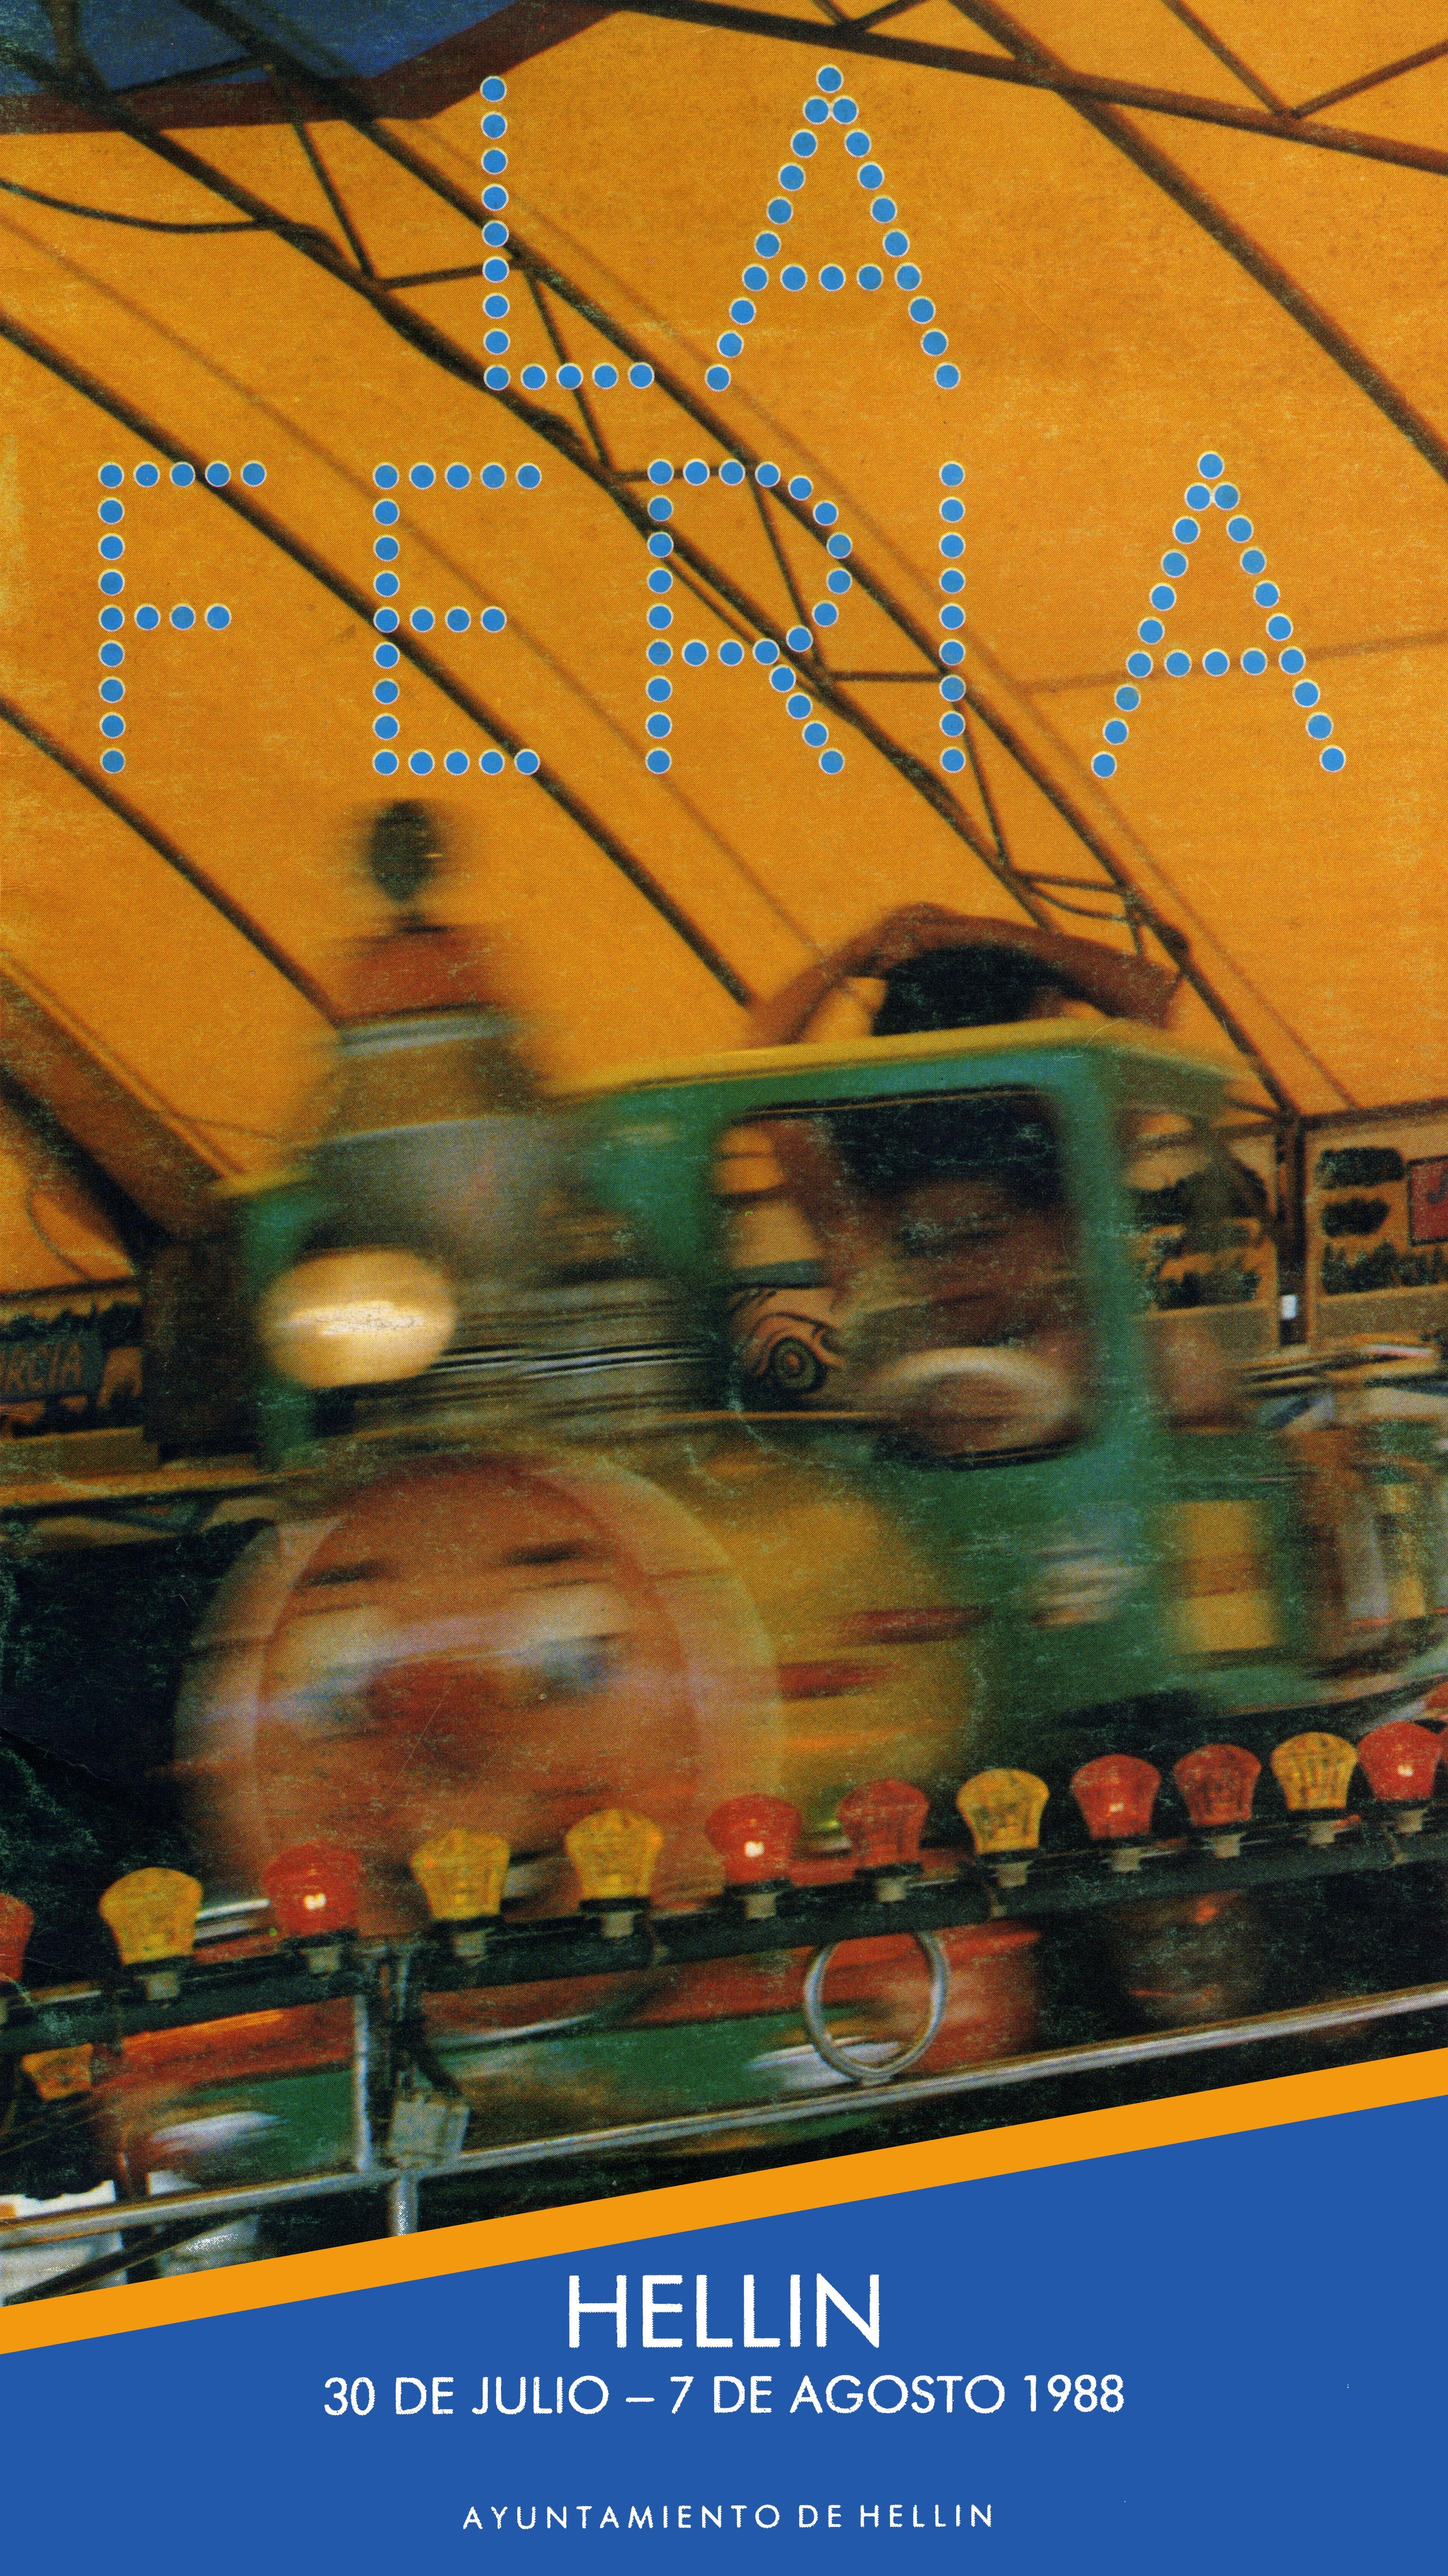 Programa de la Feria de Hellín - 1988